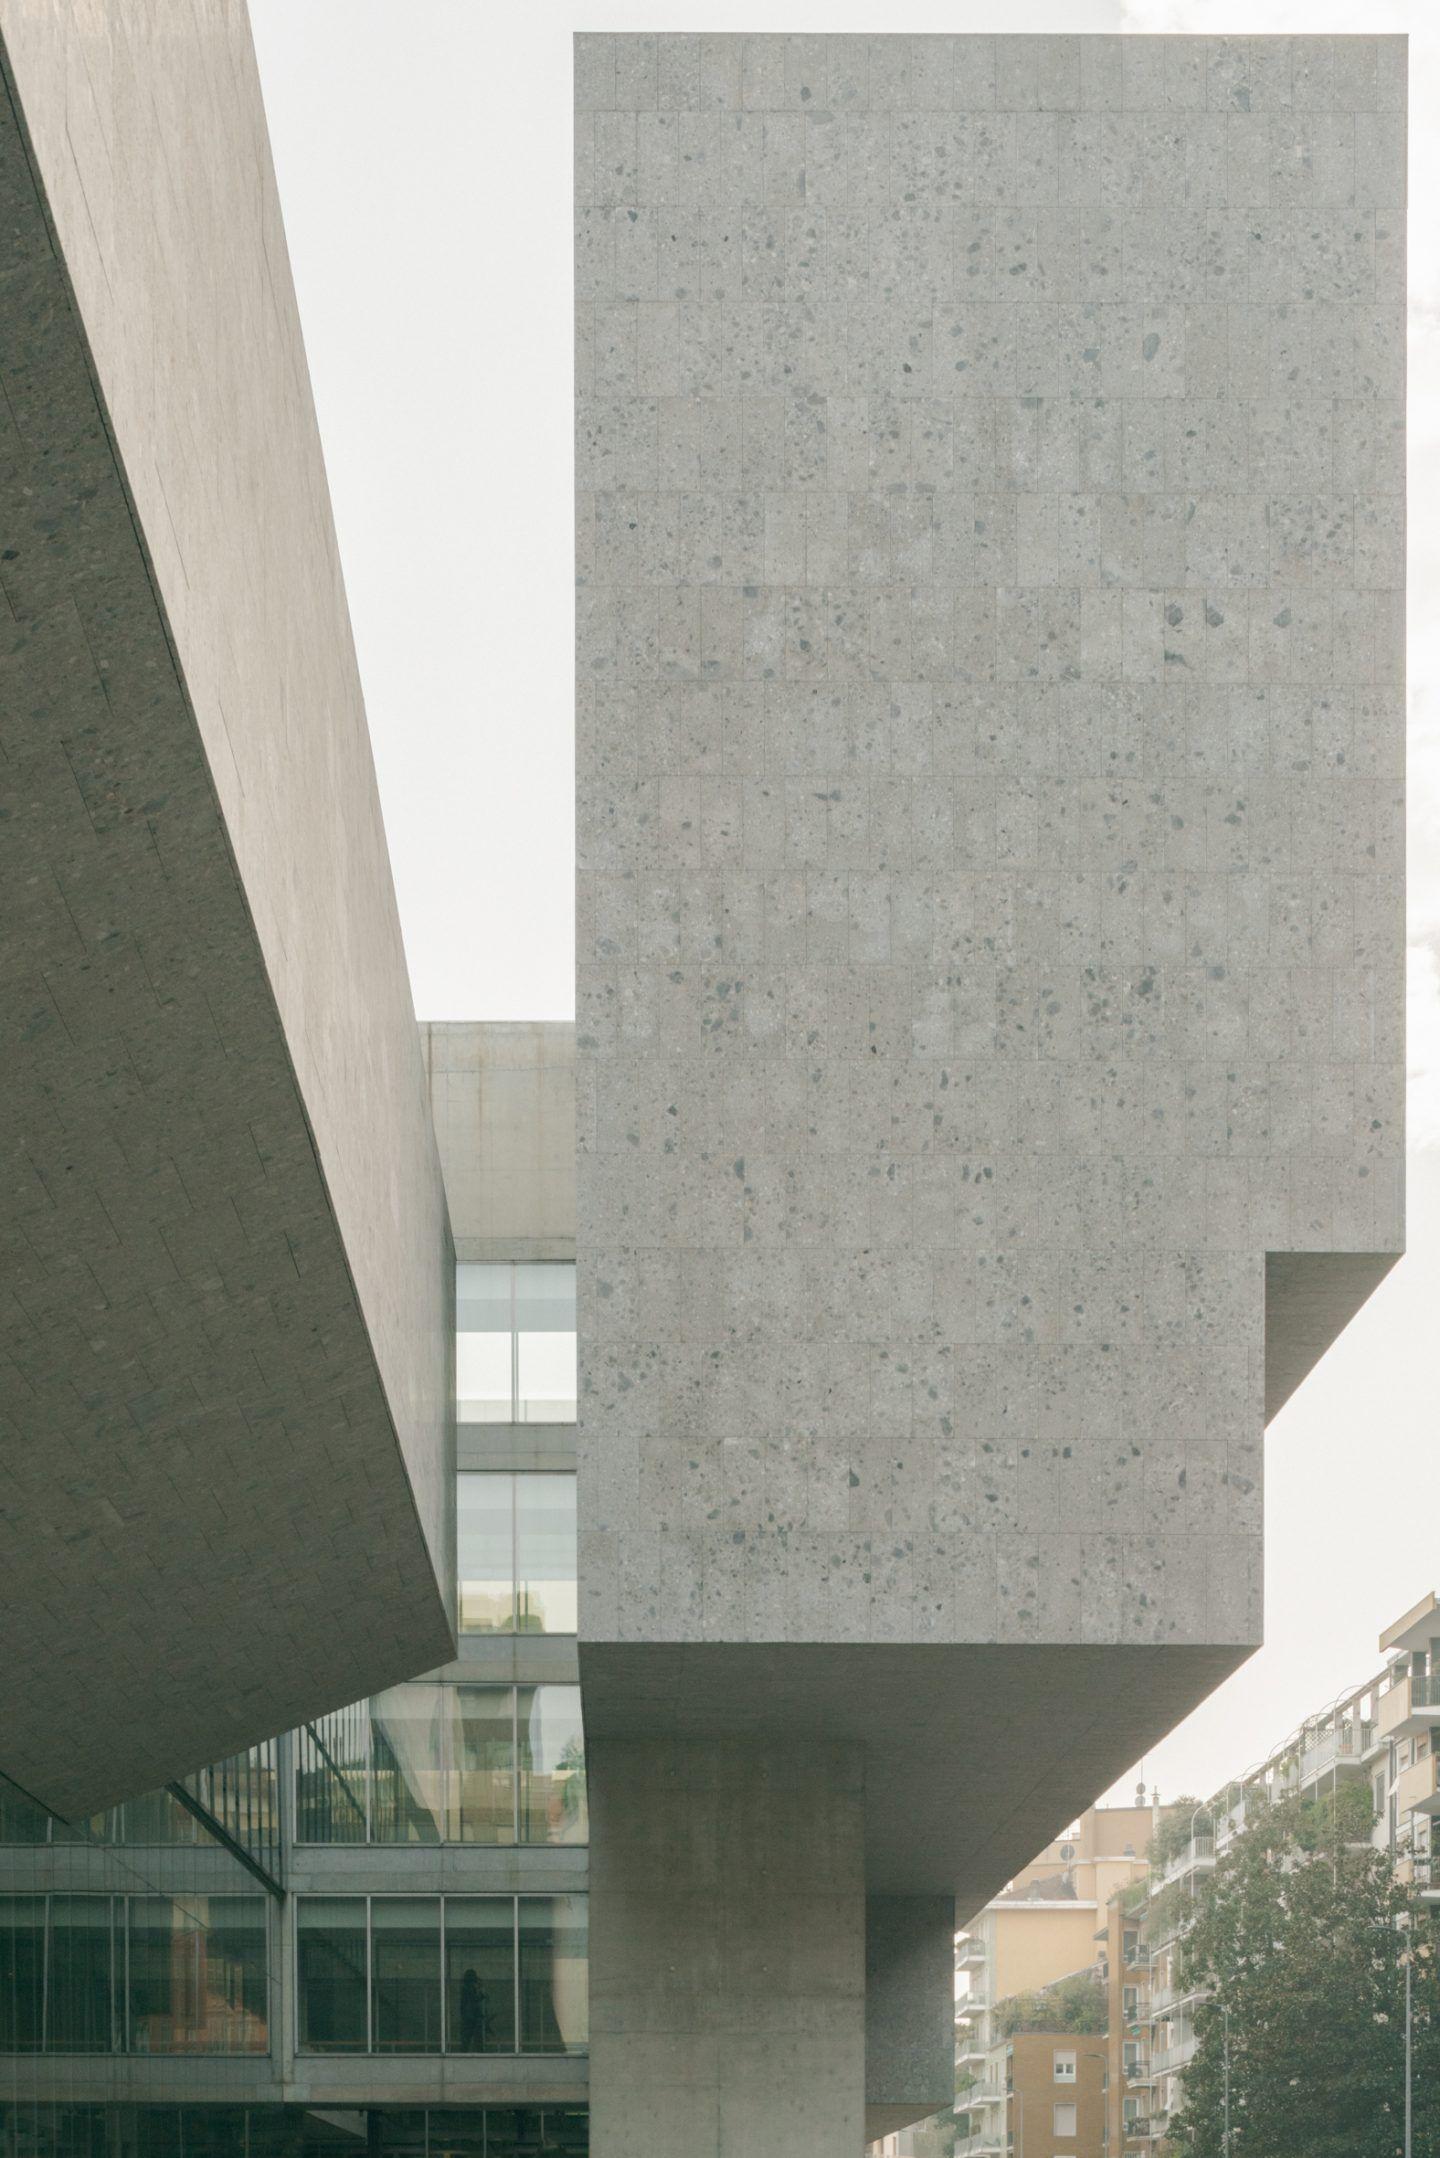 IGNANT-Travel-Lorenzo-Zandri-Grafton-Bocconi-University-06